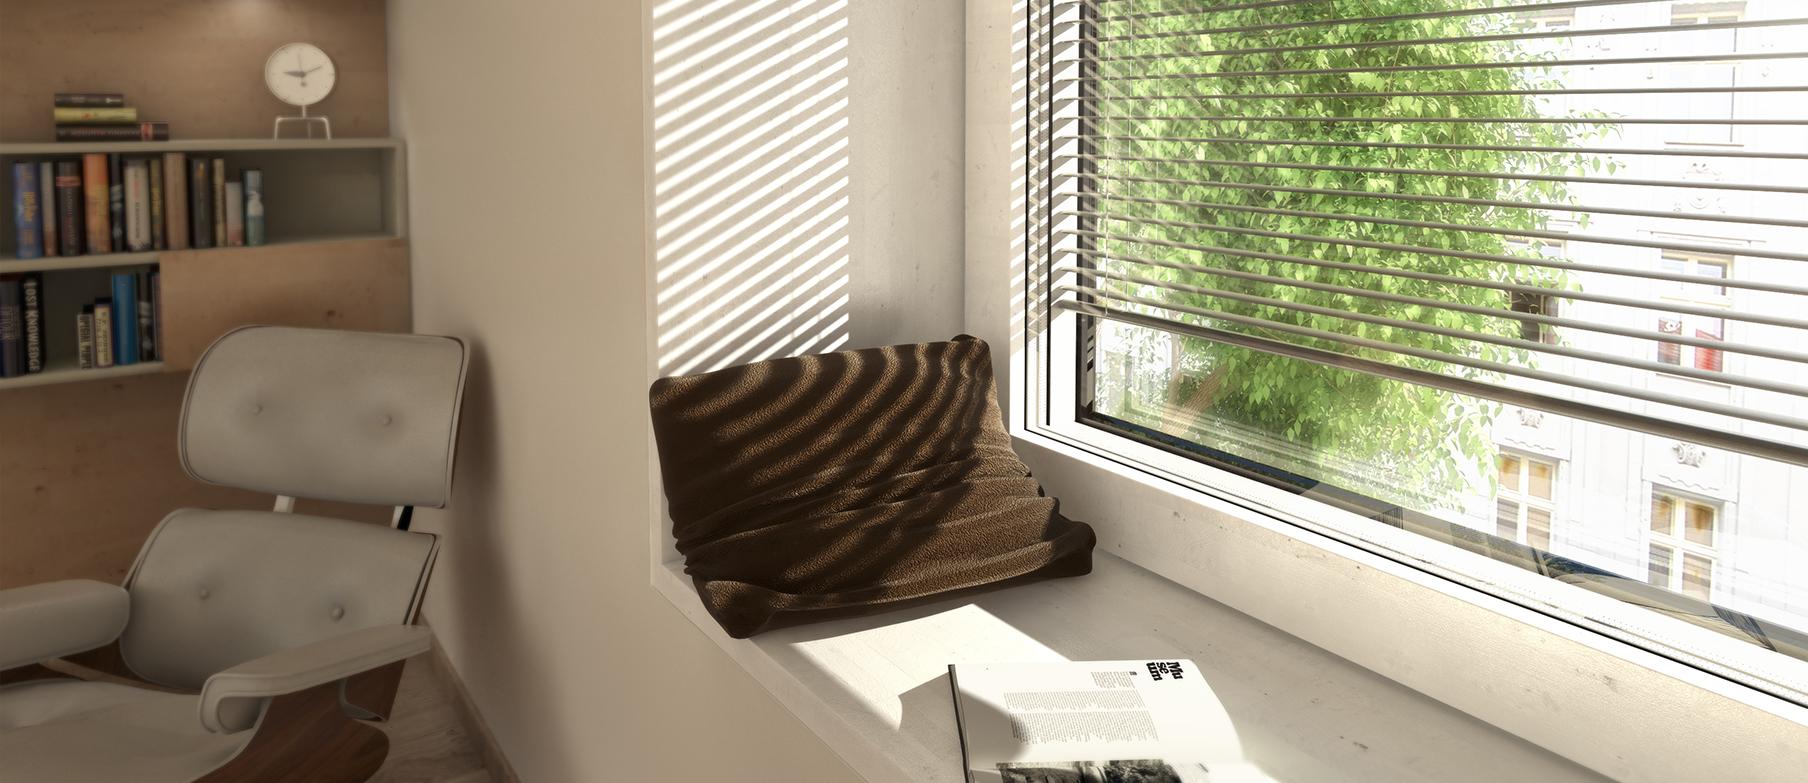 Zátiší u okna s žaluziemi